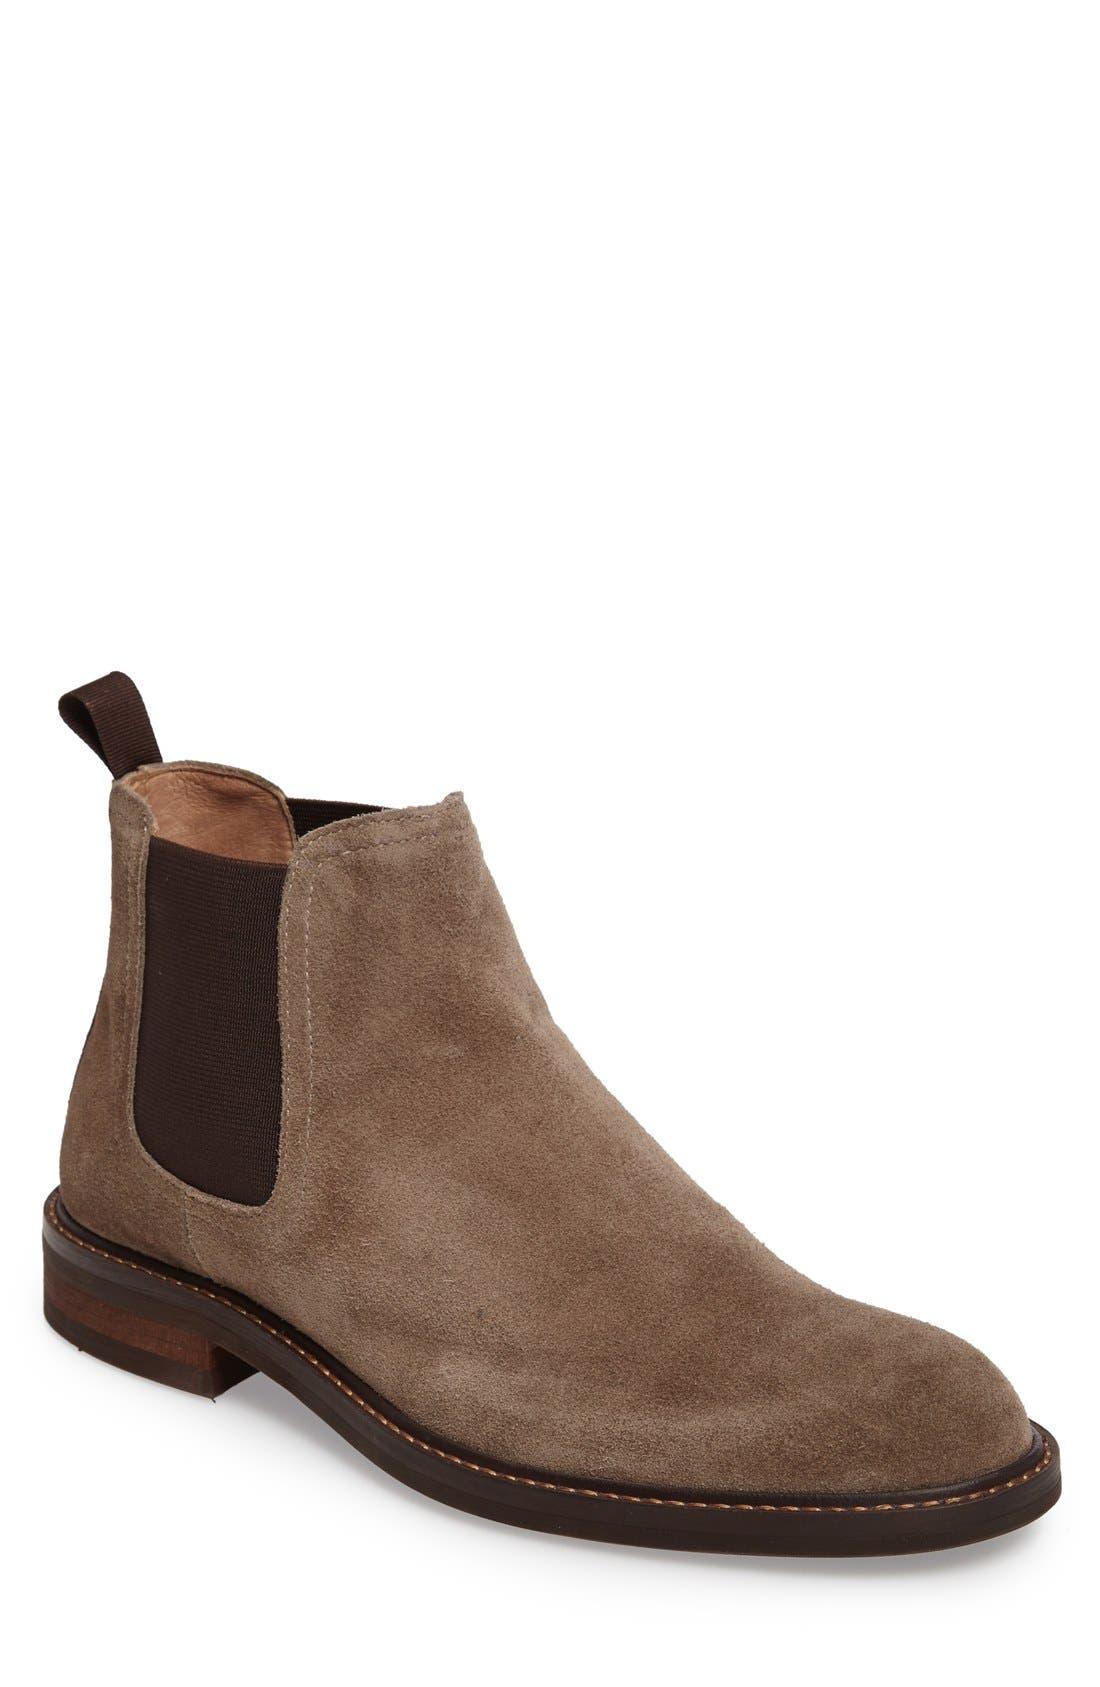 Alternate Image 1 Selected - 1901 Horton Chelsea Boot (Men)